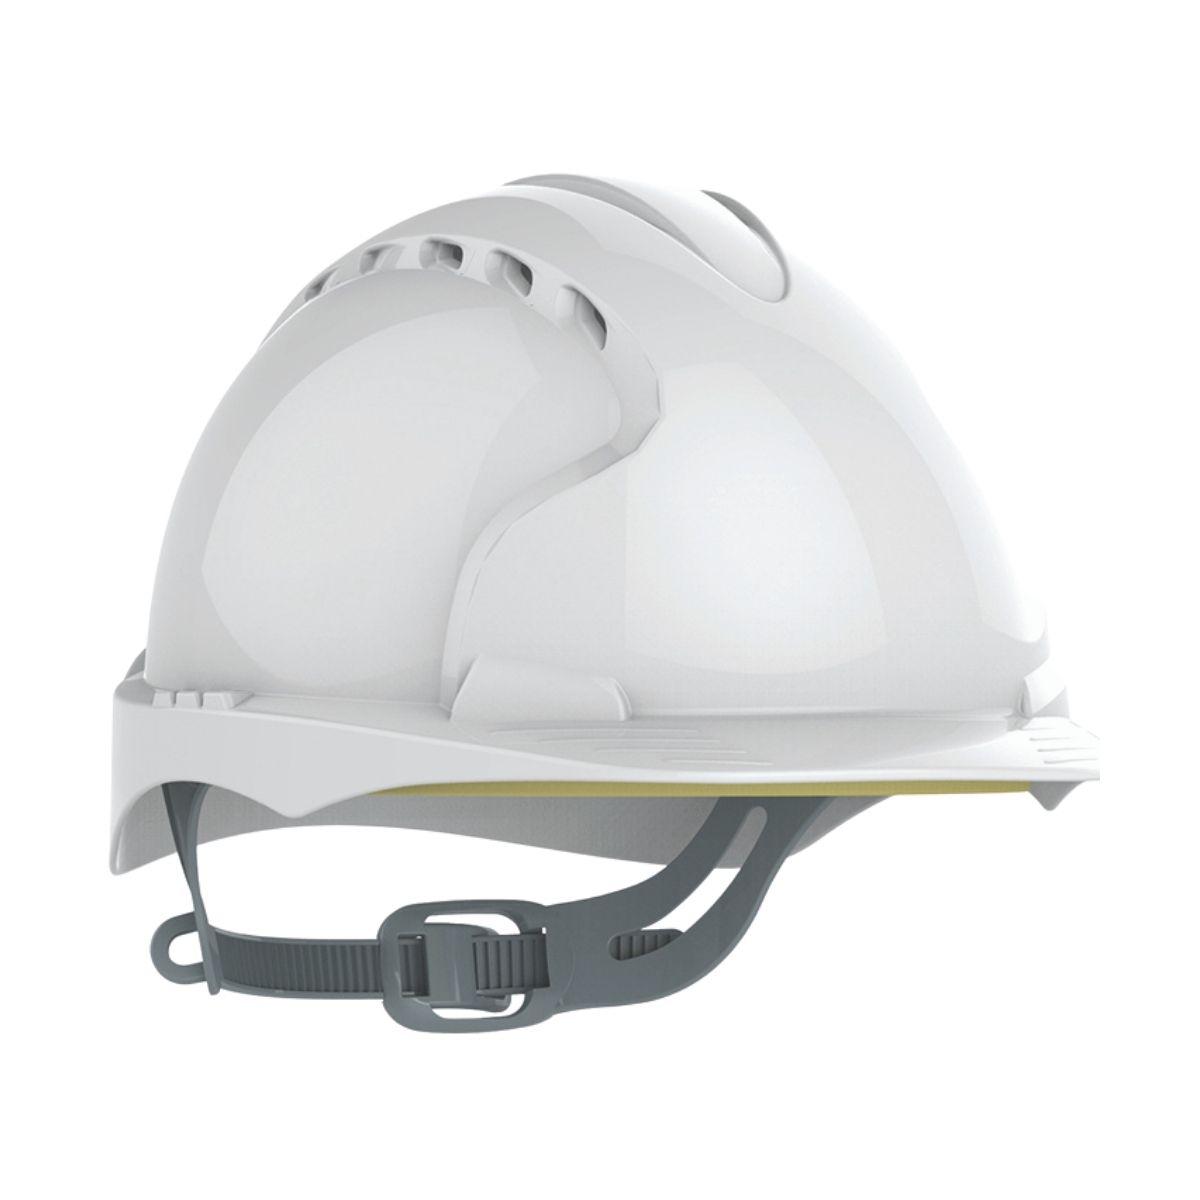 06-0030-0 JSP EVO 2 Slip Ratchet Vented Helmet